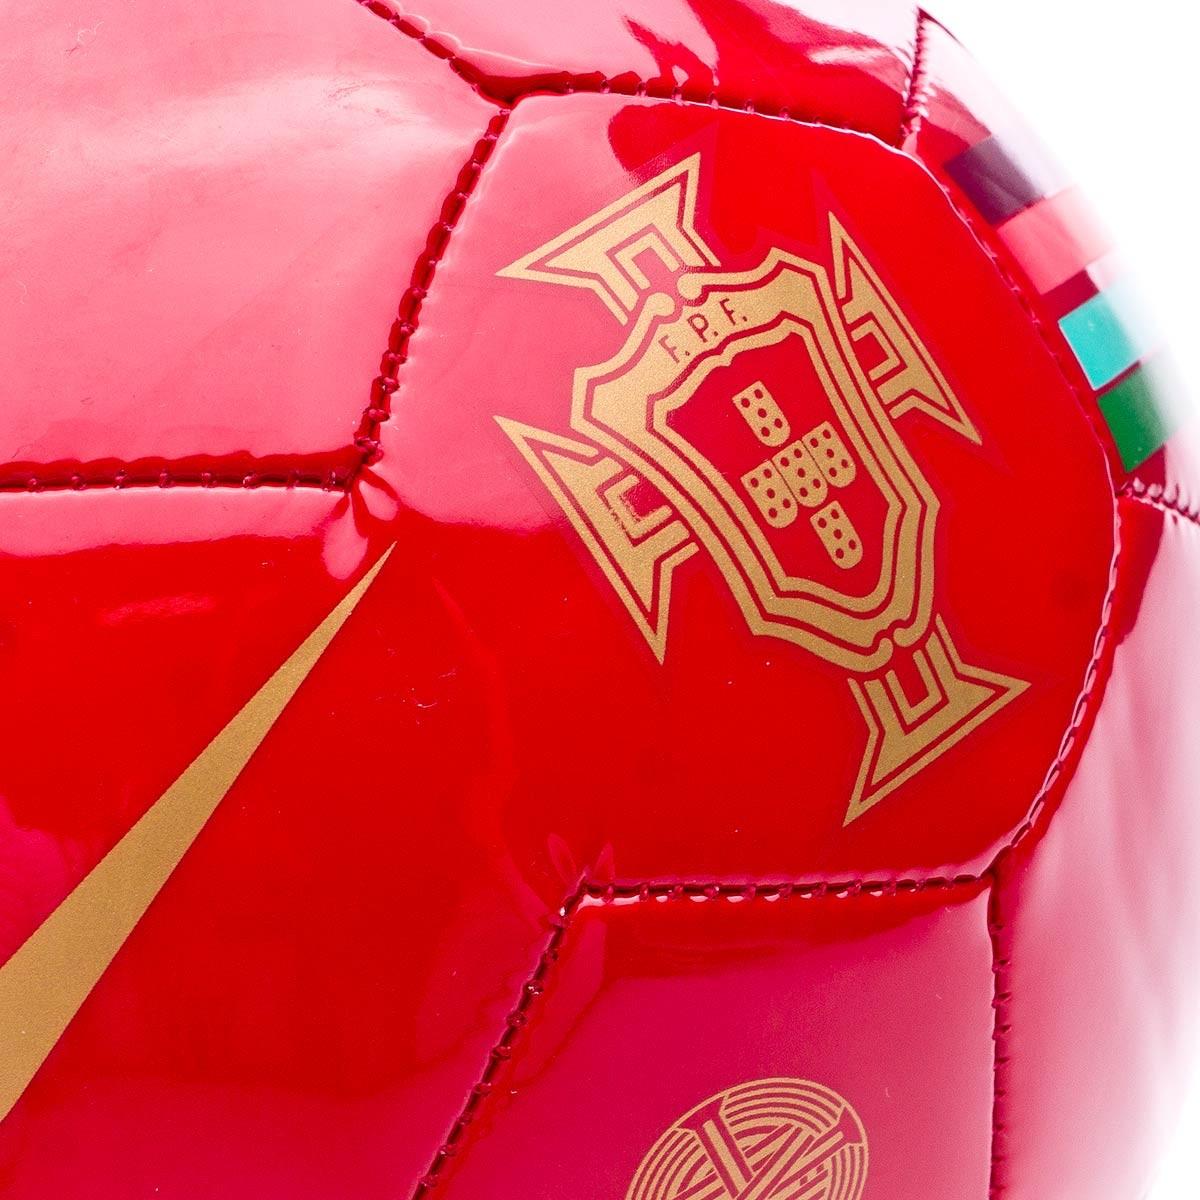 124e7e11a98d1 Bola de Futebol Nike Mini Portugal Skills 2018-2019 Gym red-Metallic gold -  Loja de futebol Fútbol Emotion